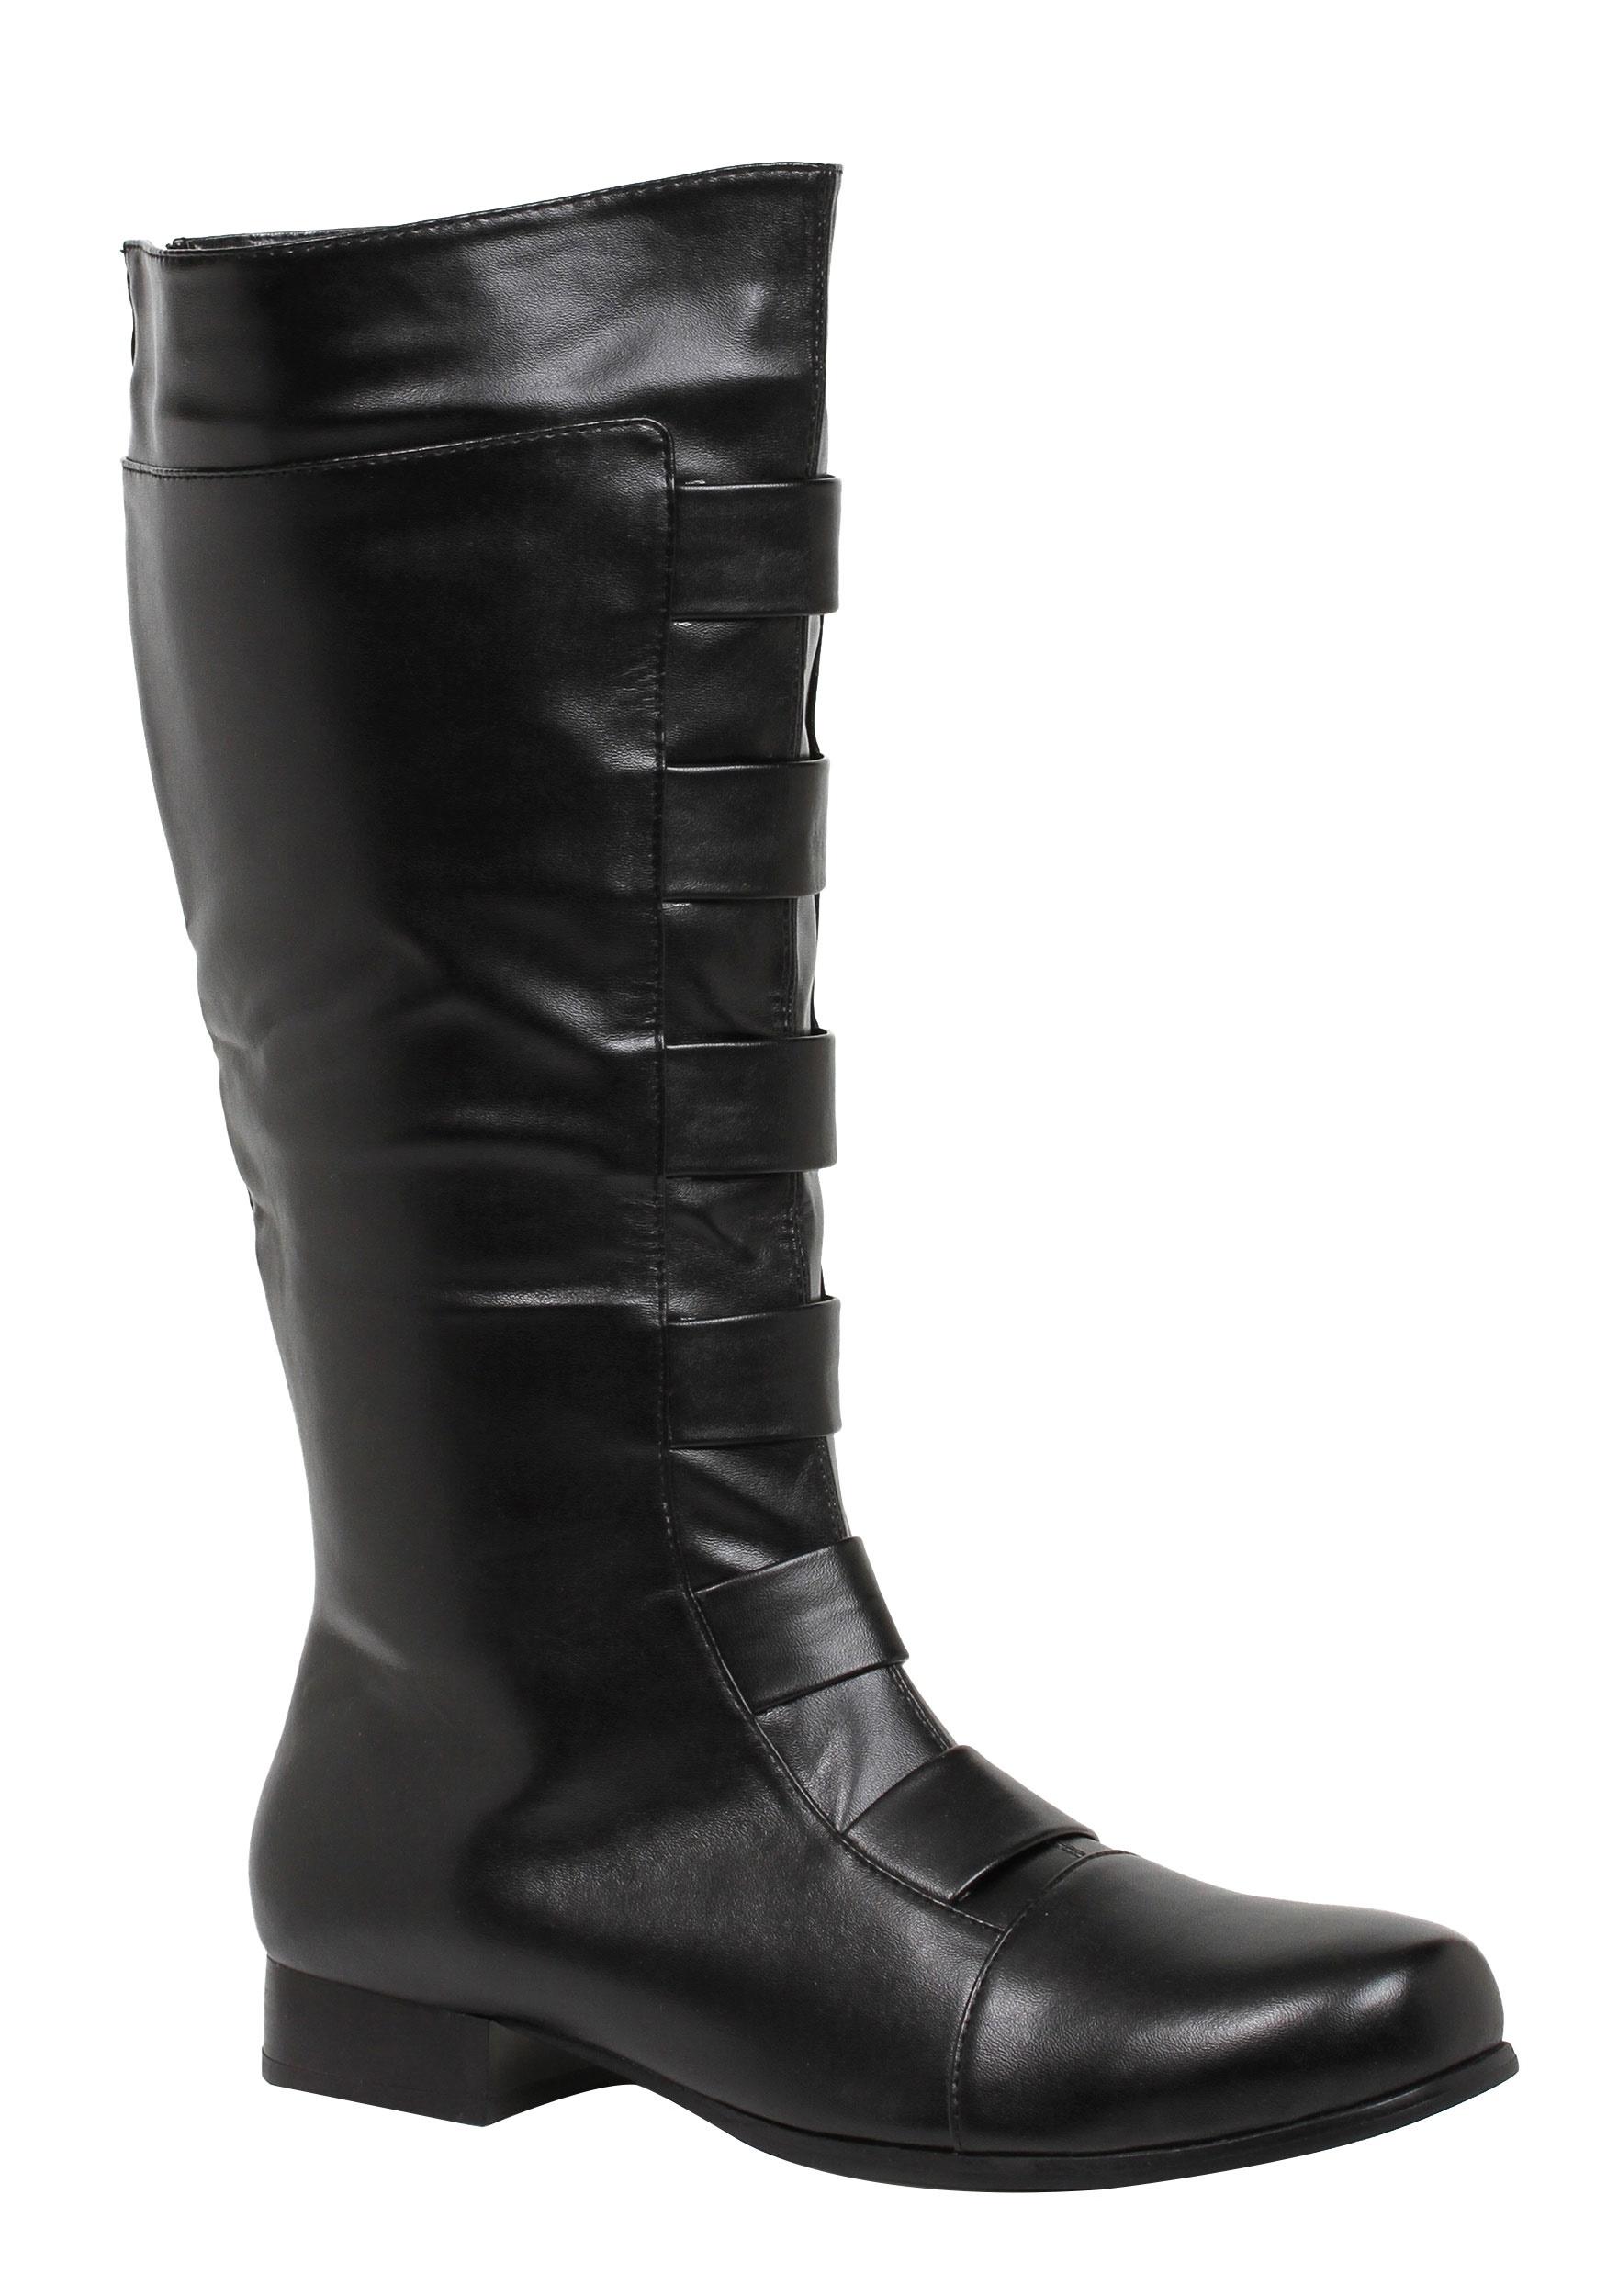 Adult Black Superhero Costume Boots